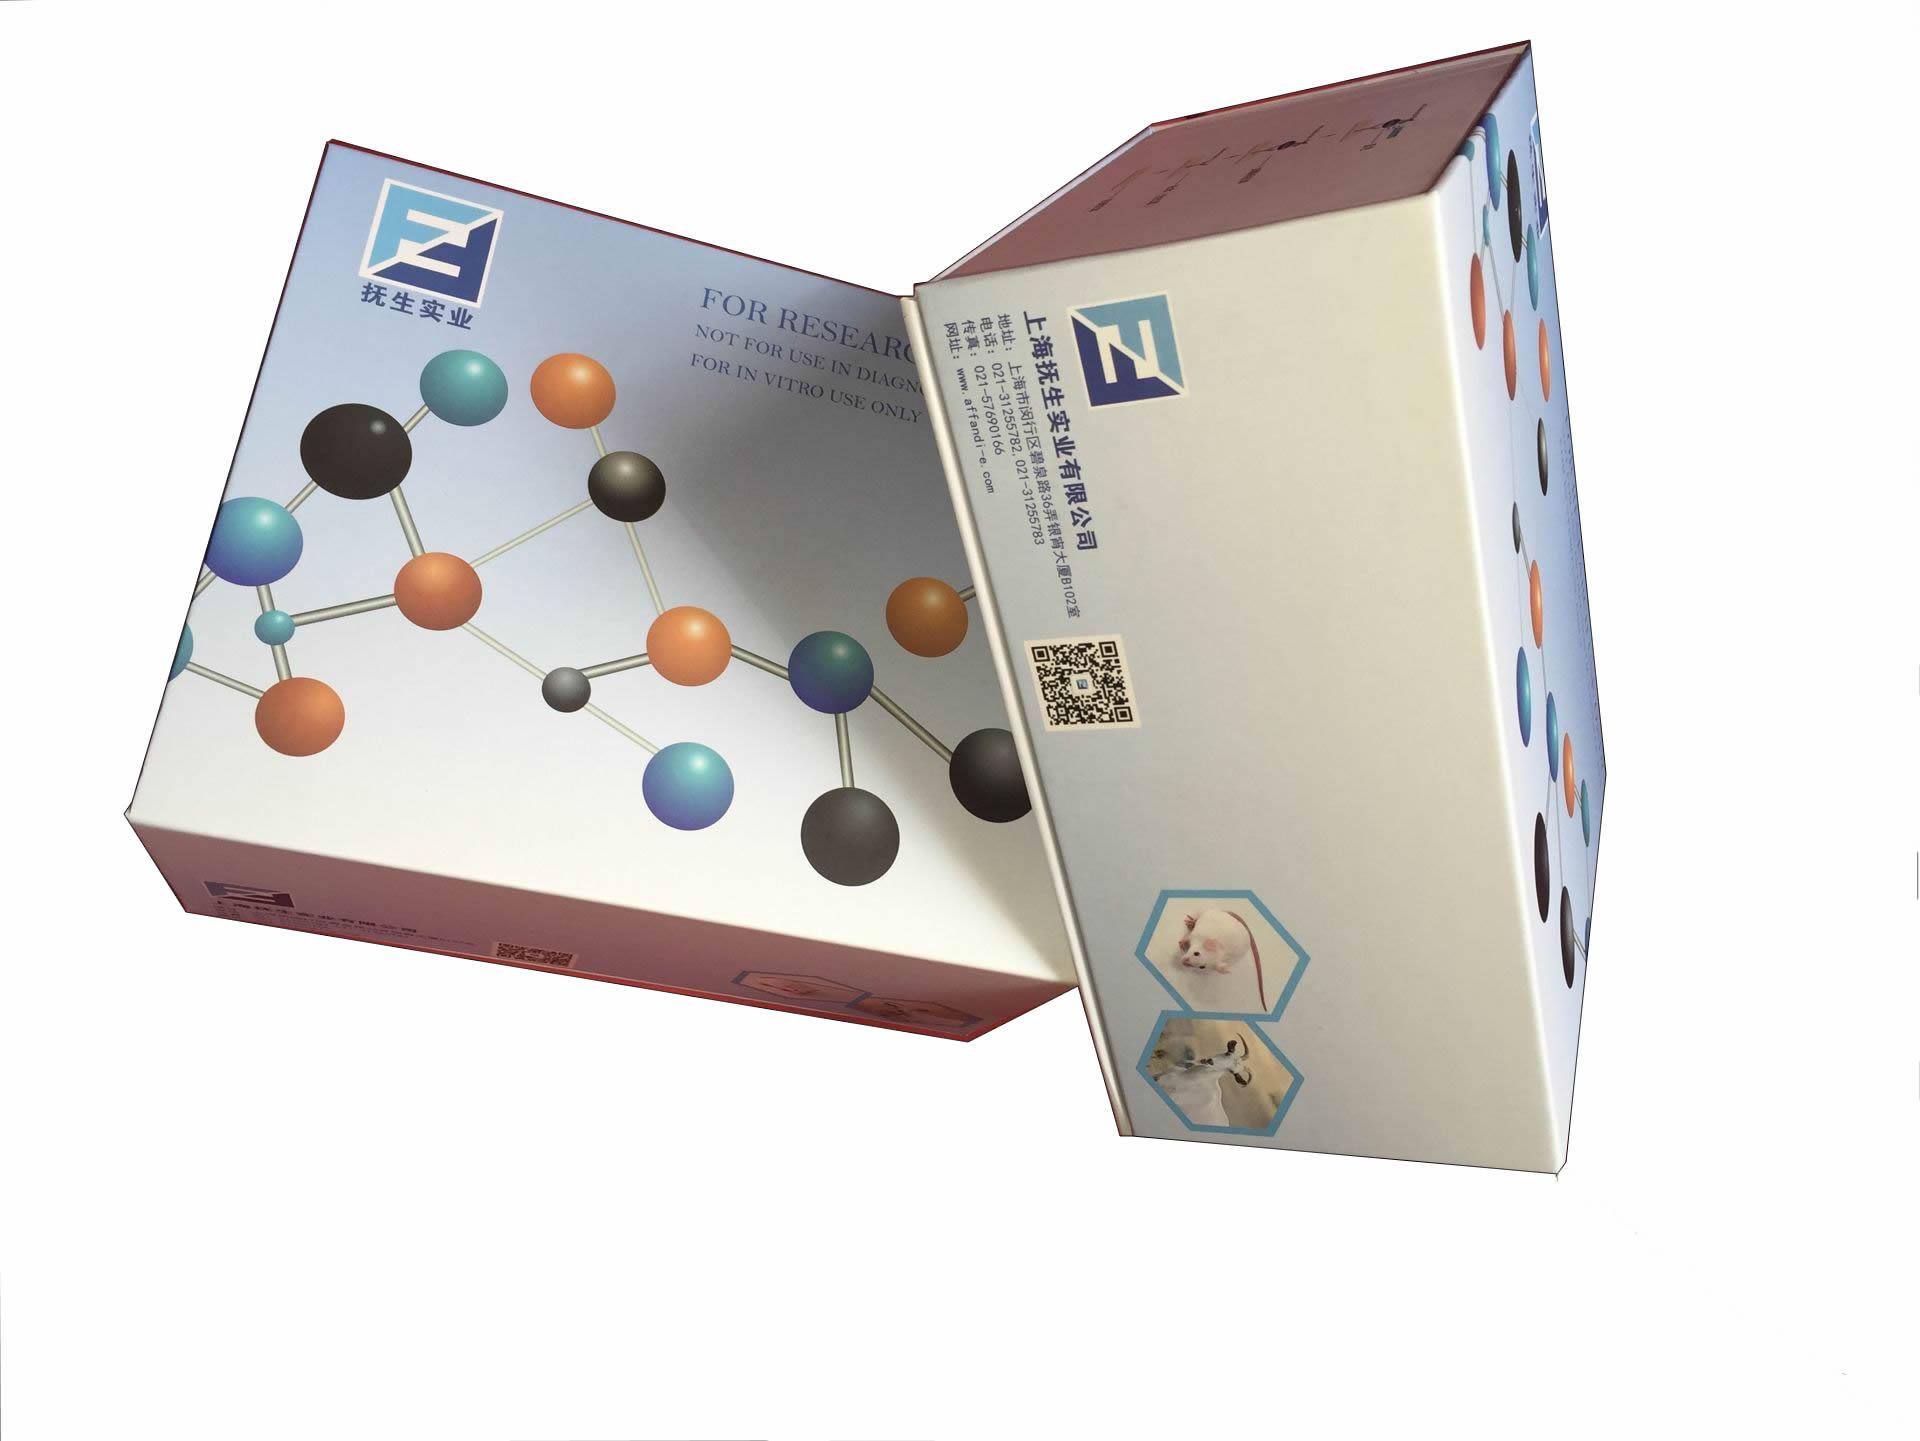 禽腺病毒4型抗体检测试剂盒